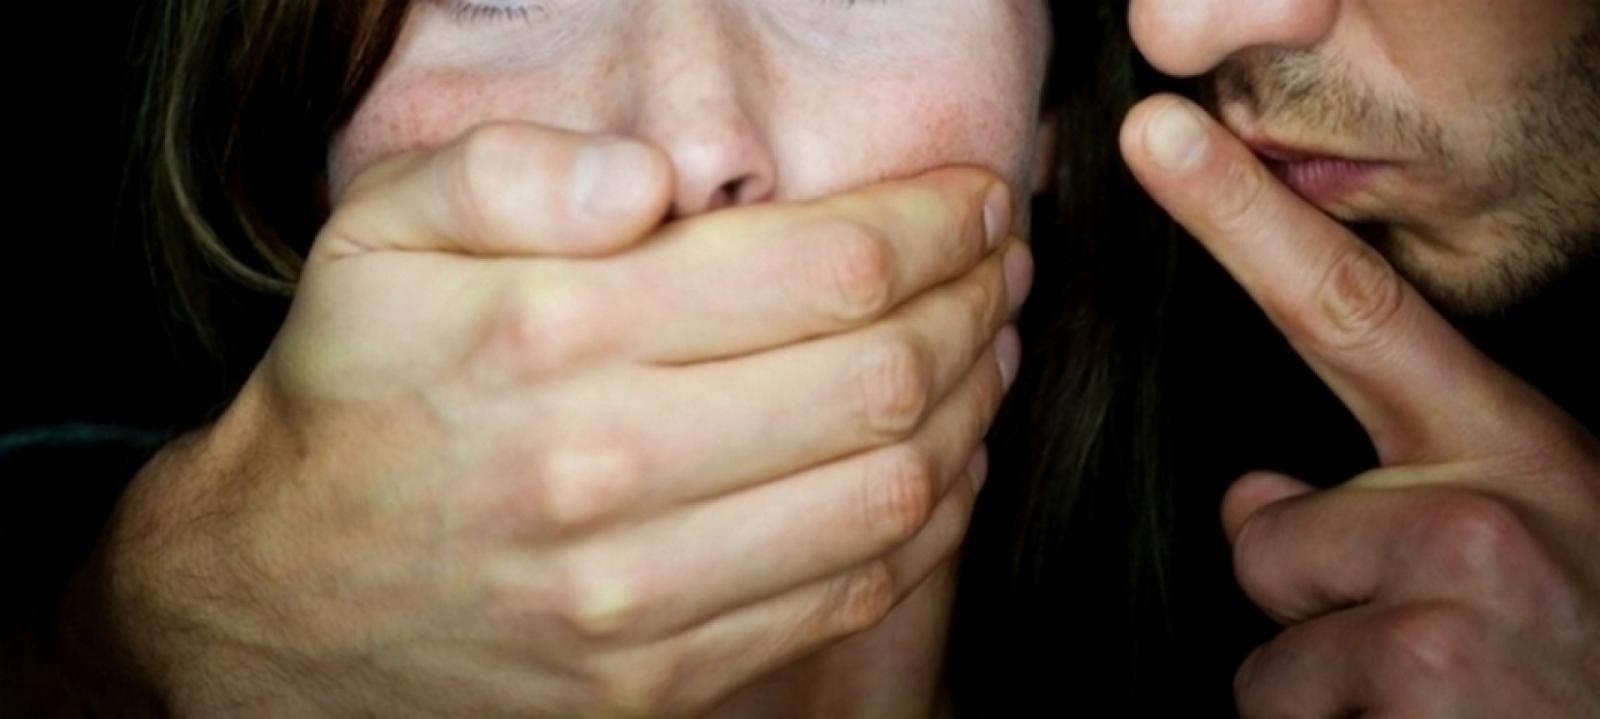 Догнали, изнасиловали и отделались условным сроком